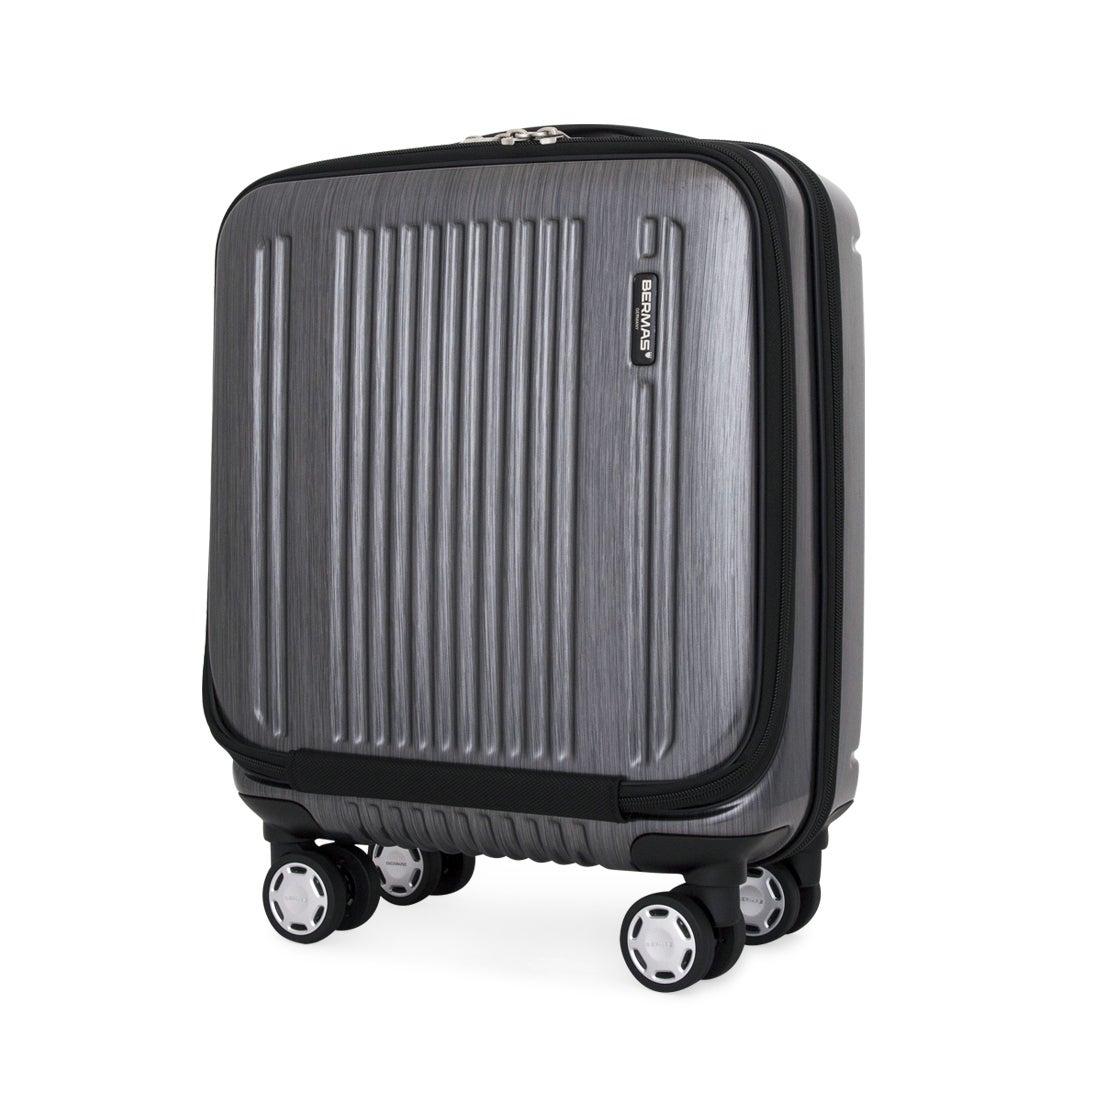 【SAC'S BAR】バーマス BERMAS スーツケース 60255 38cm プレステージ2 【10】ブラック メンズ